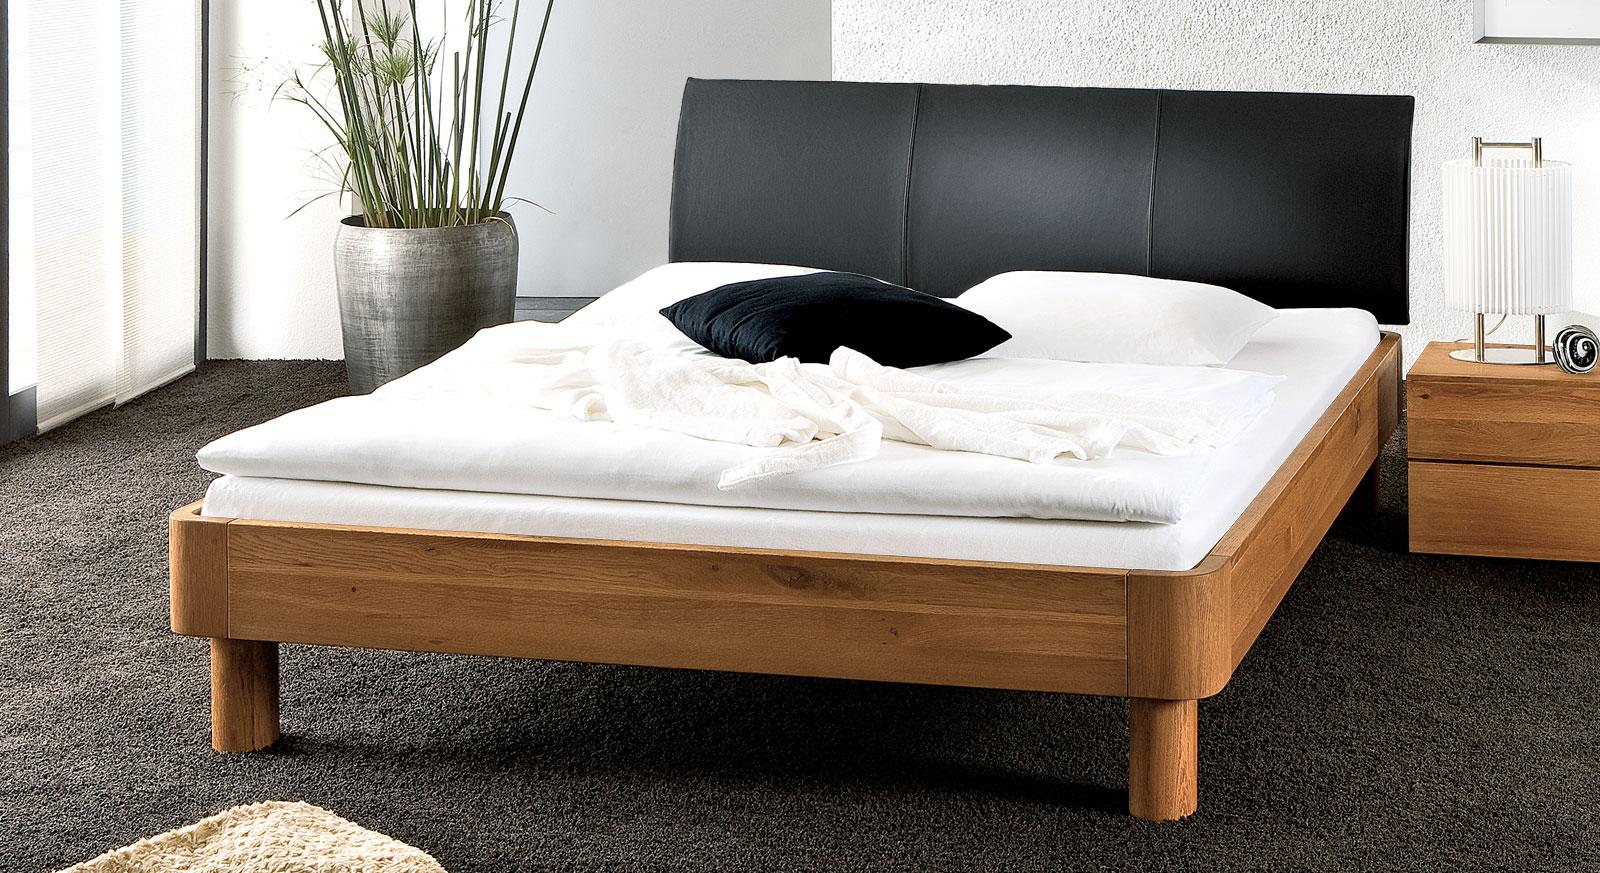 Full Size of Betten Kaufen 140x200 Günstig 180x200 Ebay überlänge Landhausstil Paradies Jensen Außergewöhnliche Dänisches Bettenlager Badezimmer Runde Bonprix Bett Betten überlänge